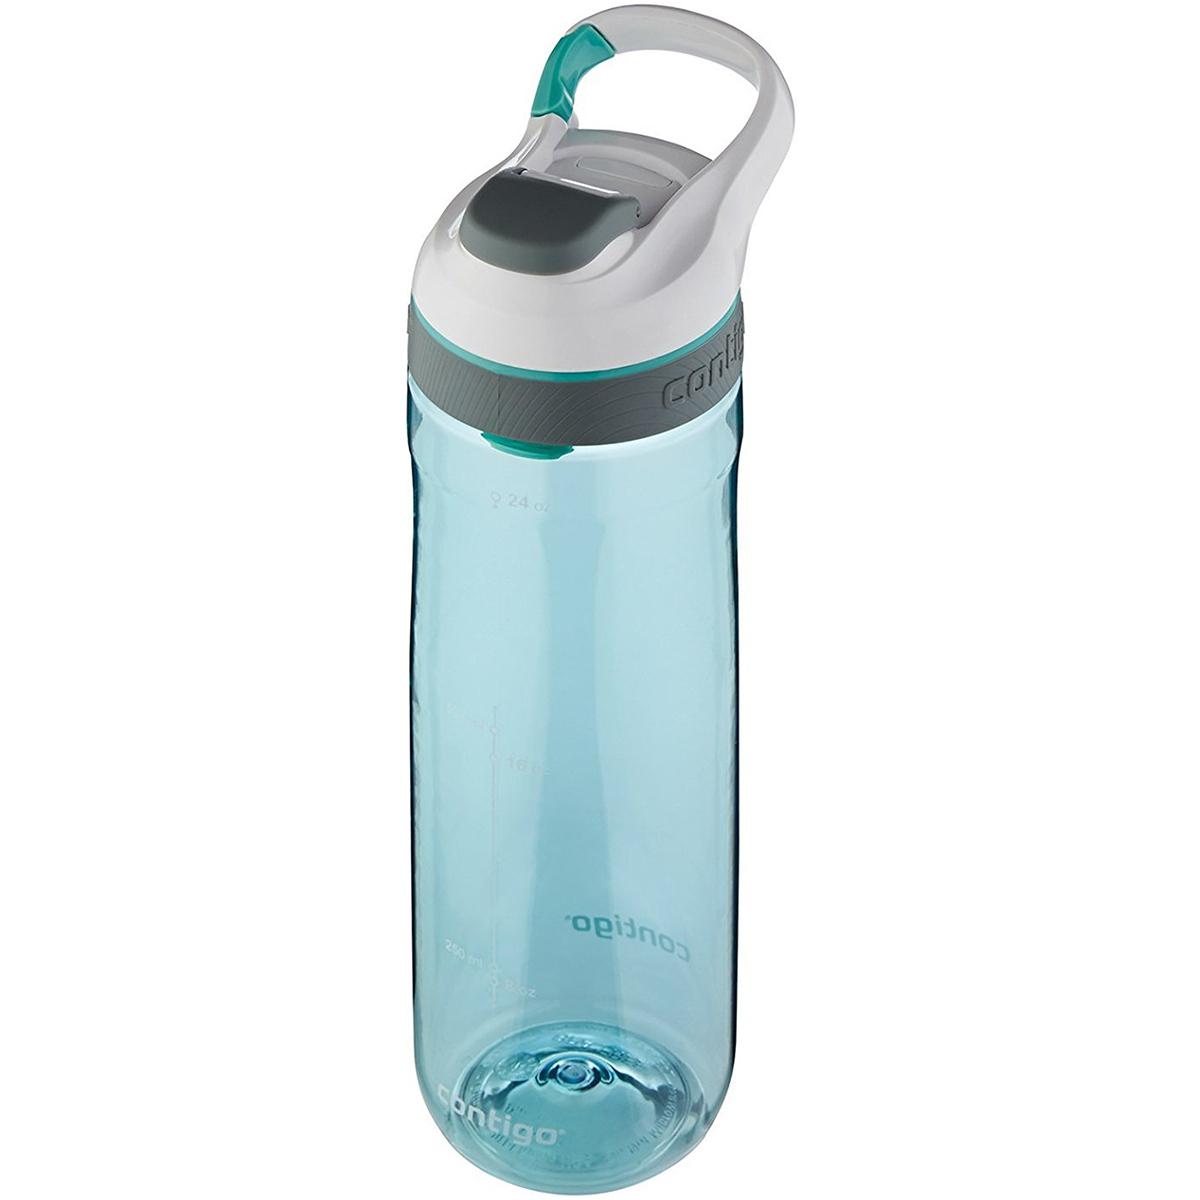 Contigo-24-oz-Cortland-Autoseal-Water-Bottle miniatura 5